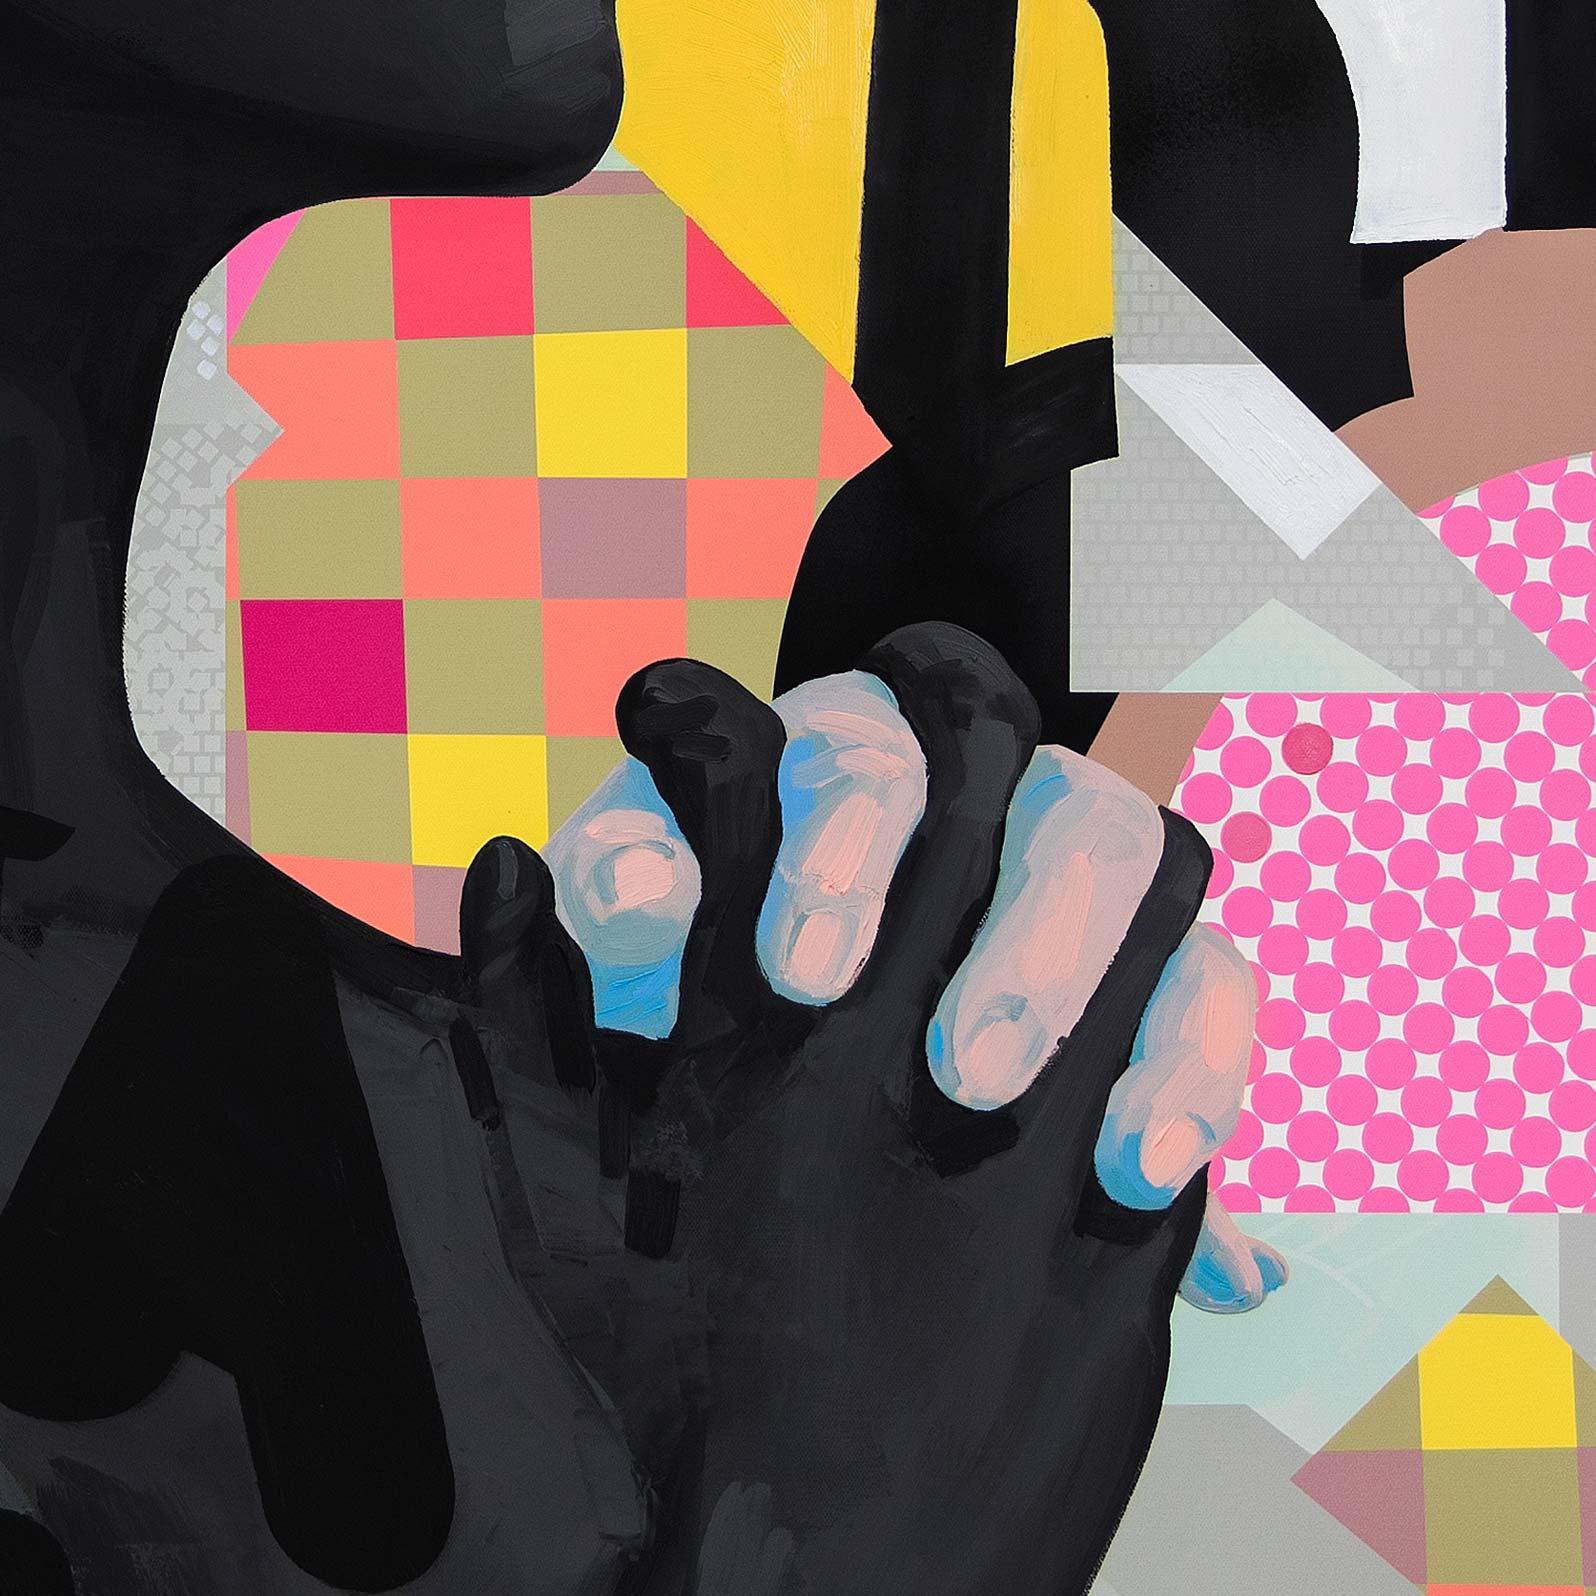 Anca Stefanescu | Modern Oil Painting Artists, HiddenGuidance